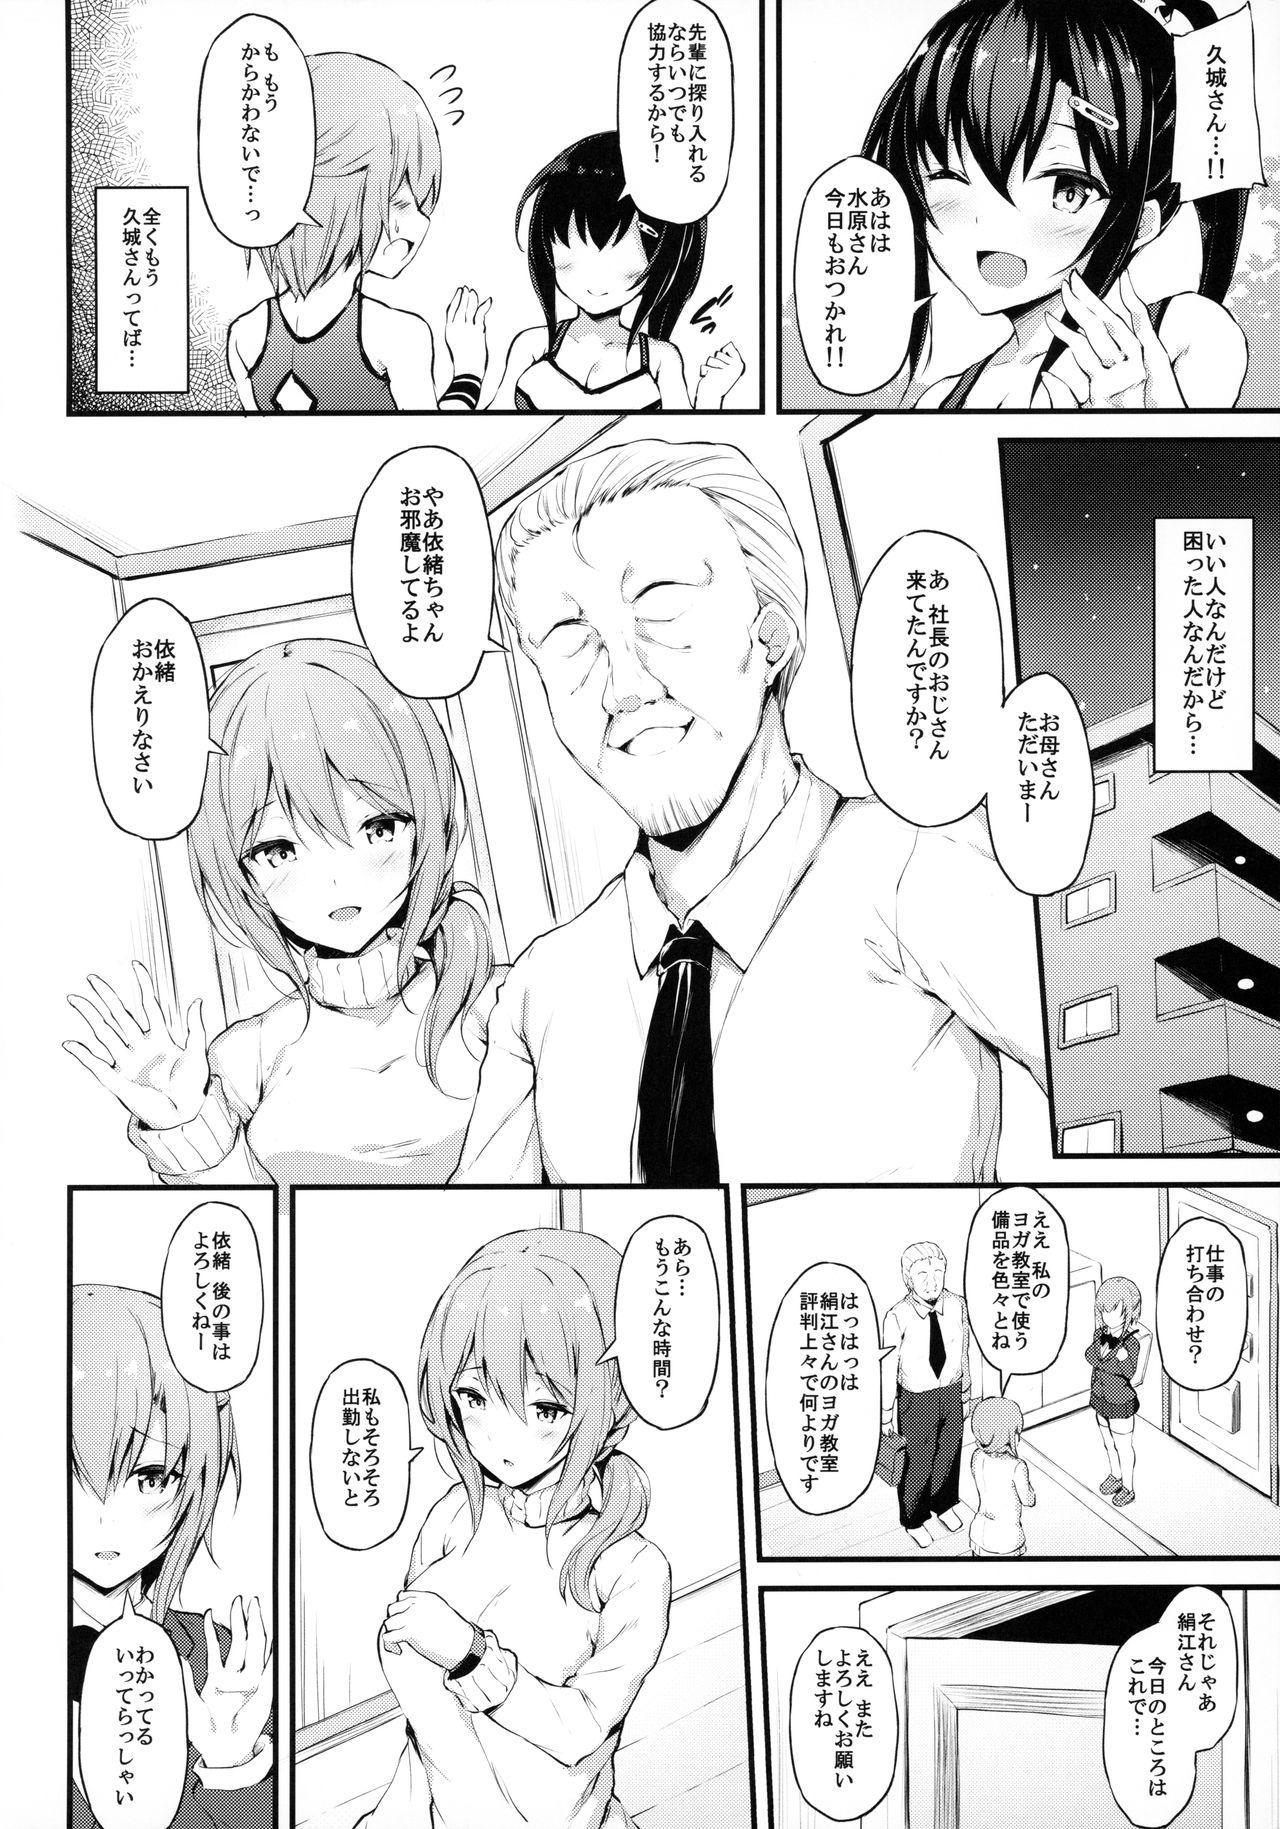 [Mofurentei (Xe)] Kanojo ga Boyish ni Nayamu Riyuu -Kyonyuu Shoujo to Choiwaru Oji-san no Kankei- 2